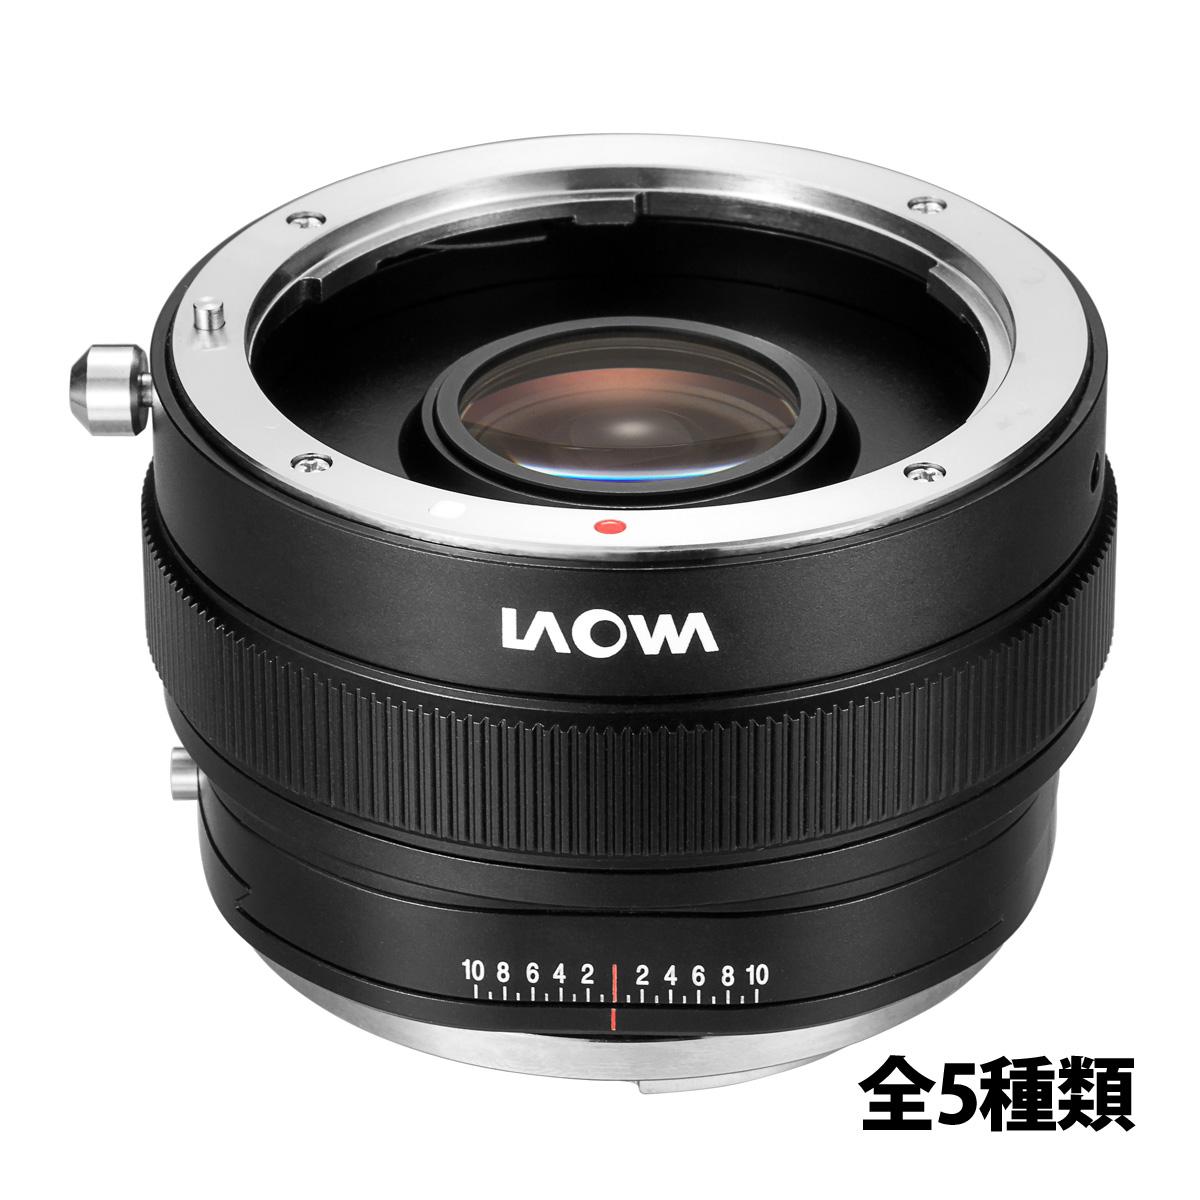 LAOWA マジック シフト コンバーター [MSC] LAO0103 ソニーEマウント対応 シフトレンズ sony カメラ